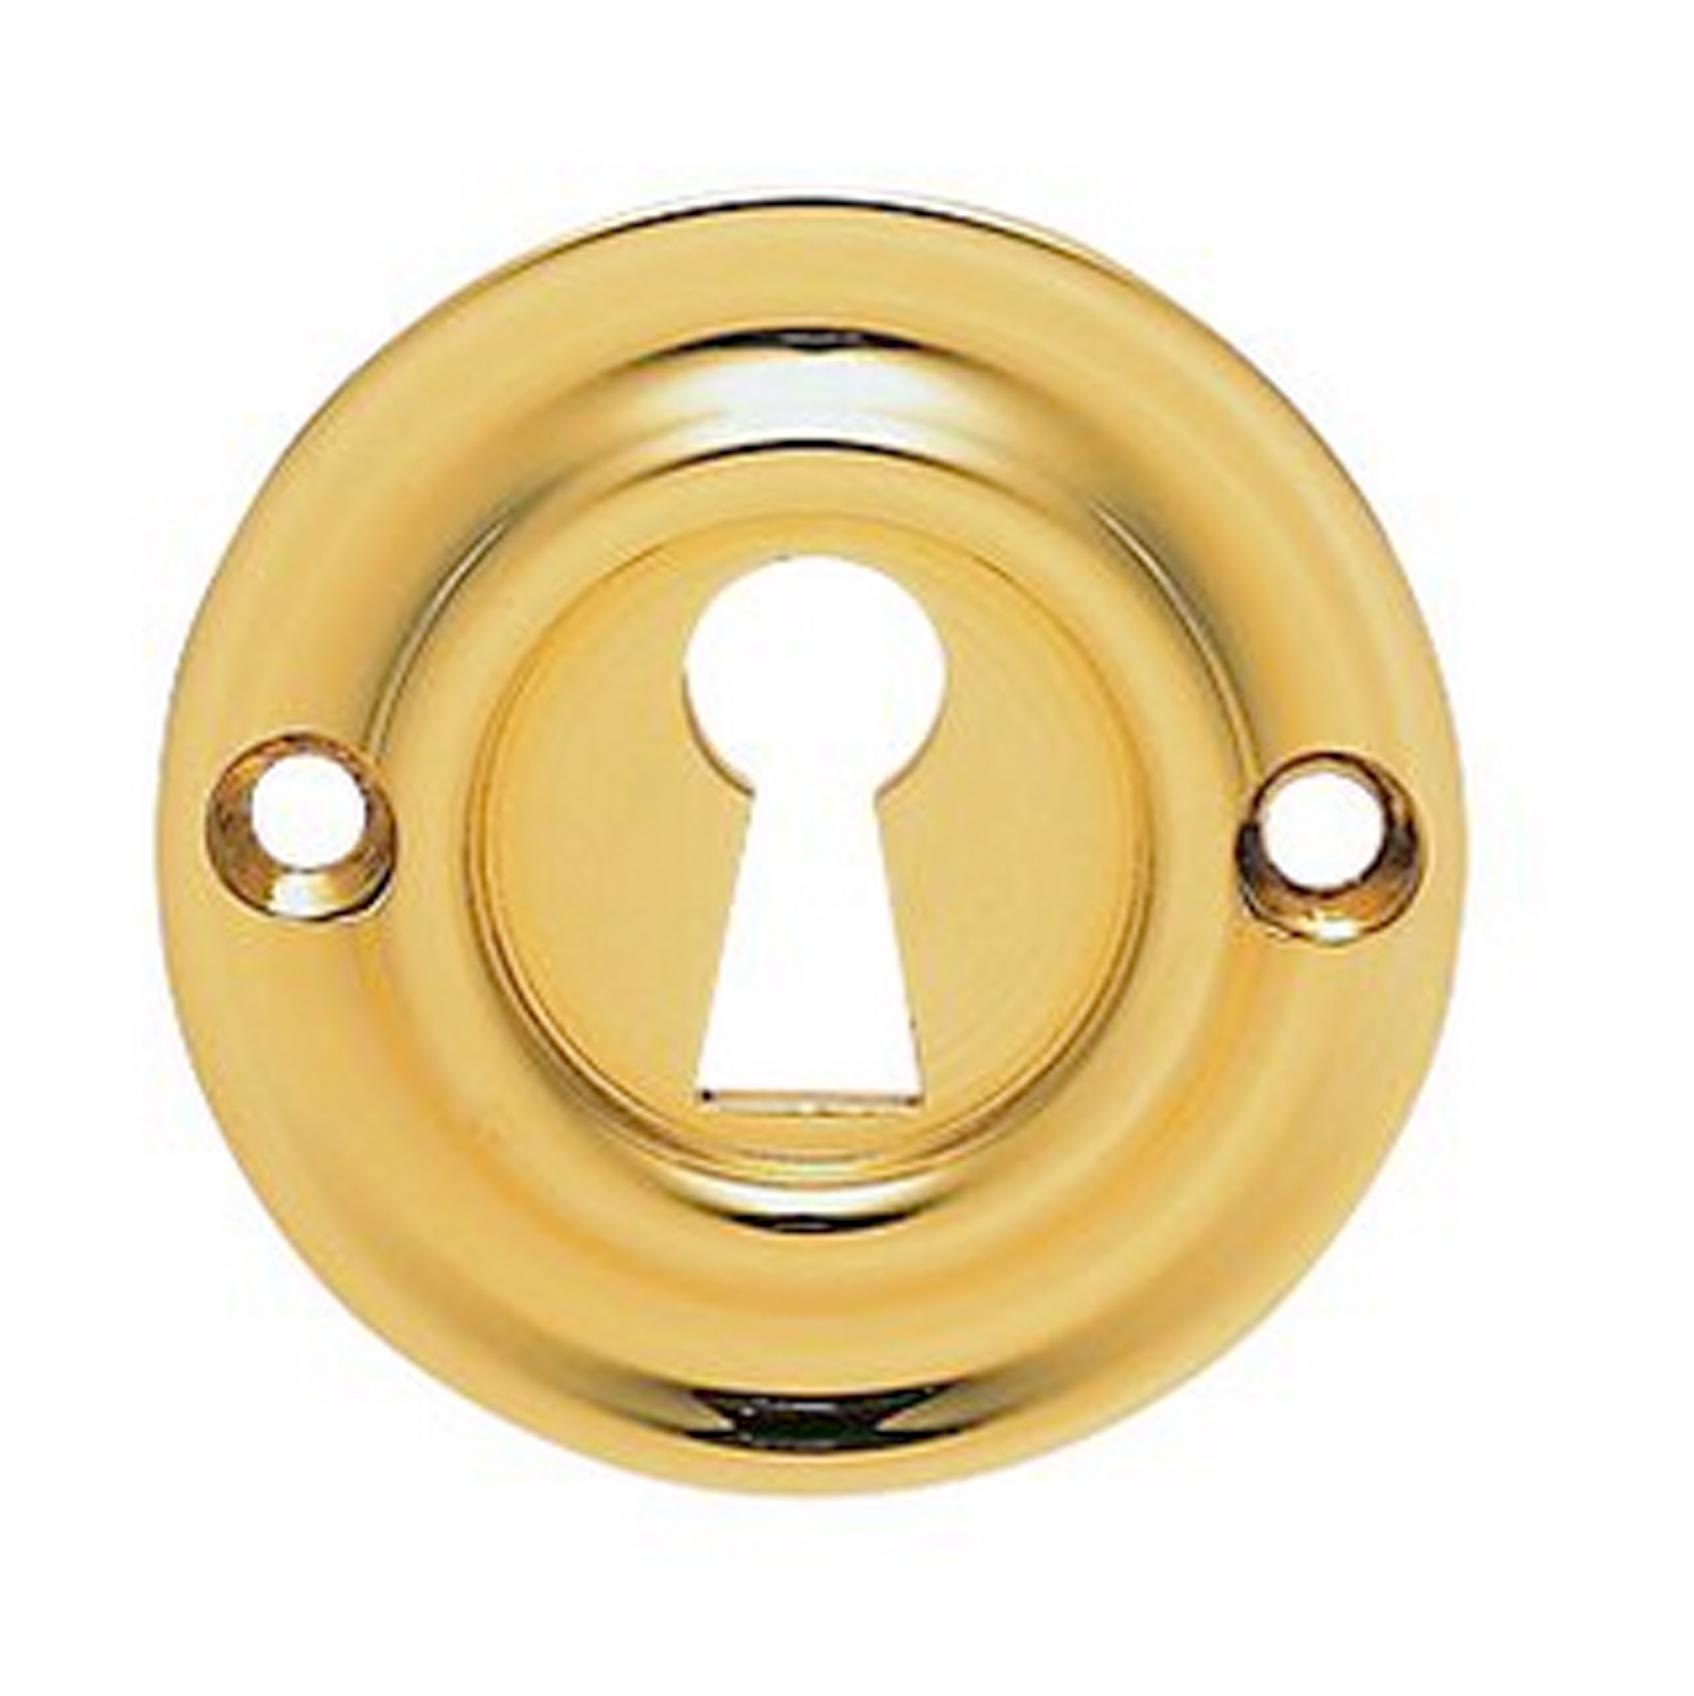 Stainless Brass Open Escutcheon